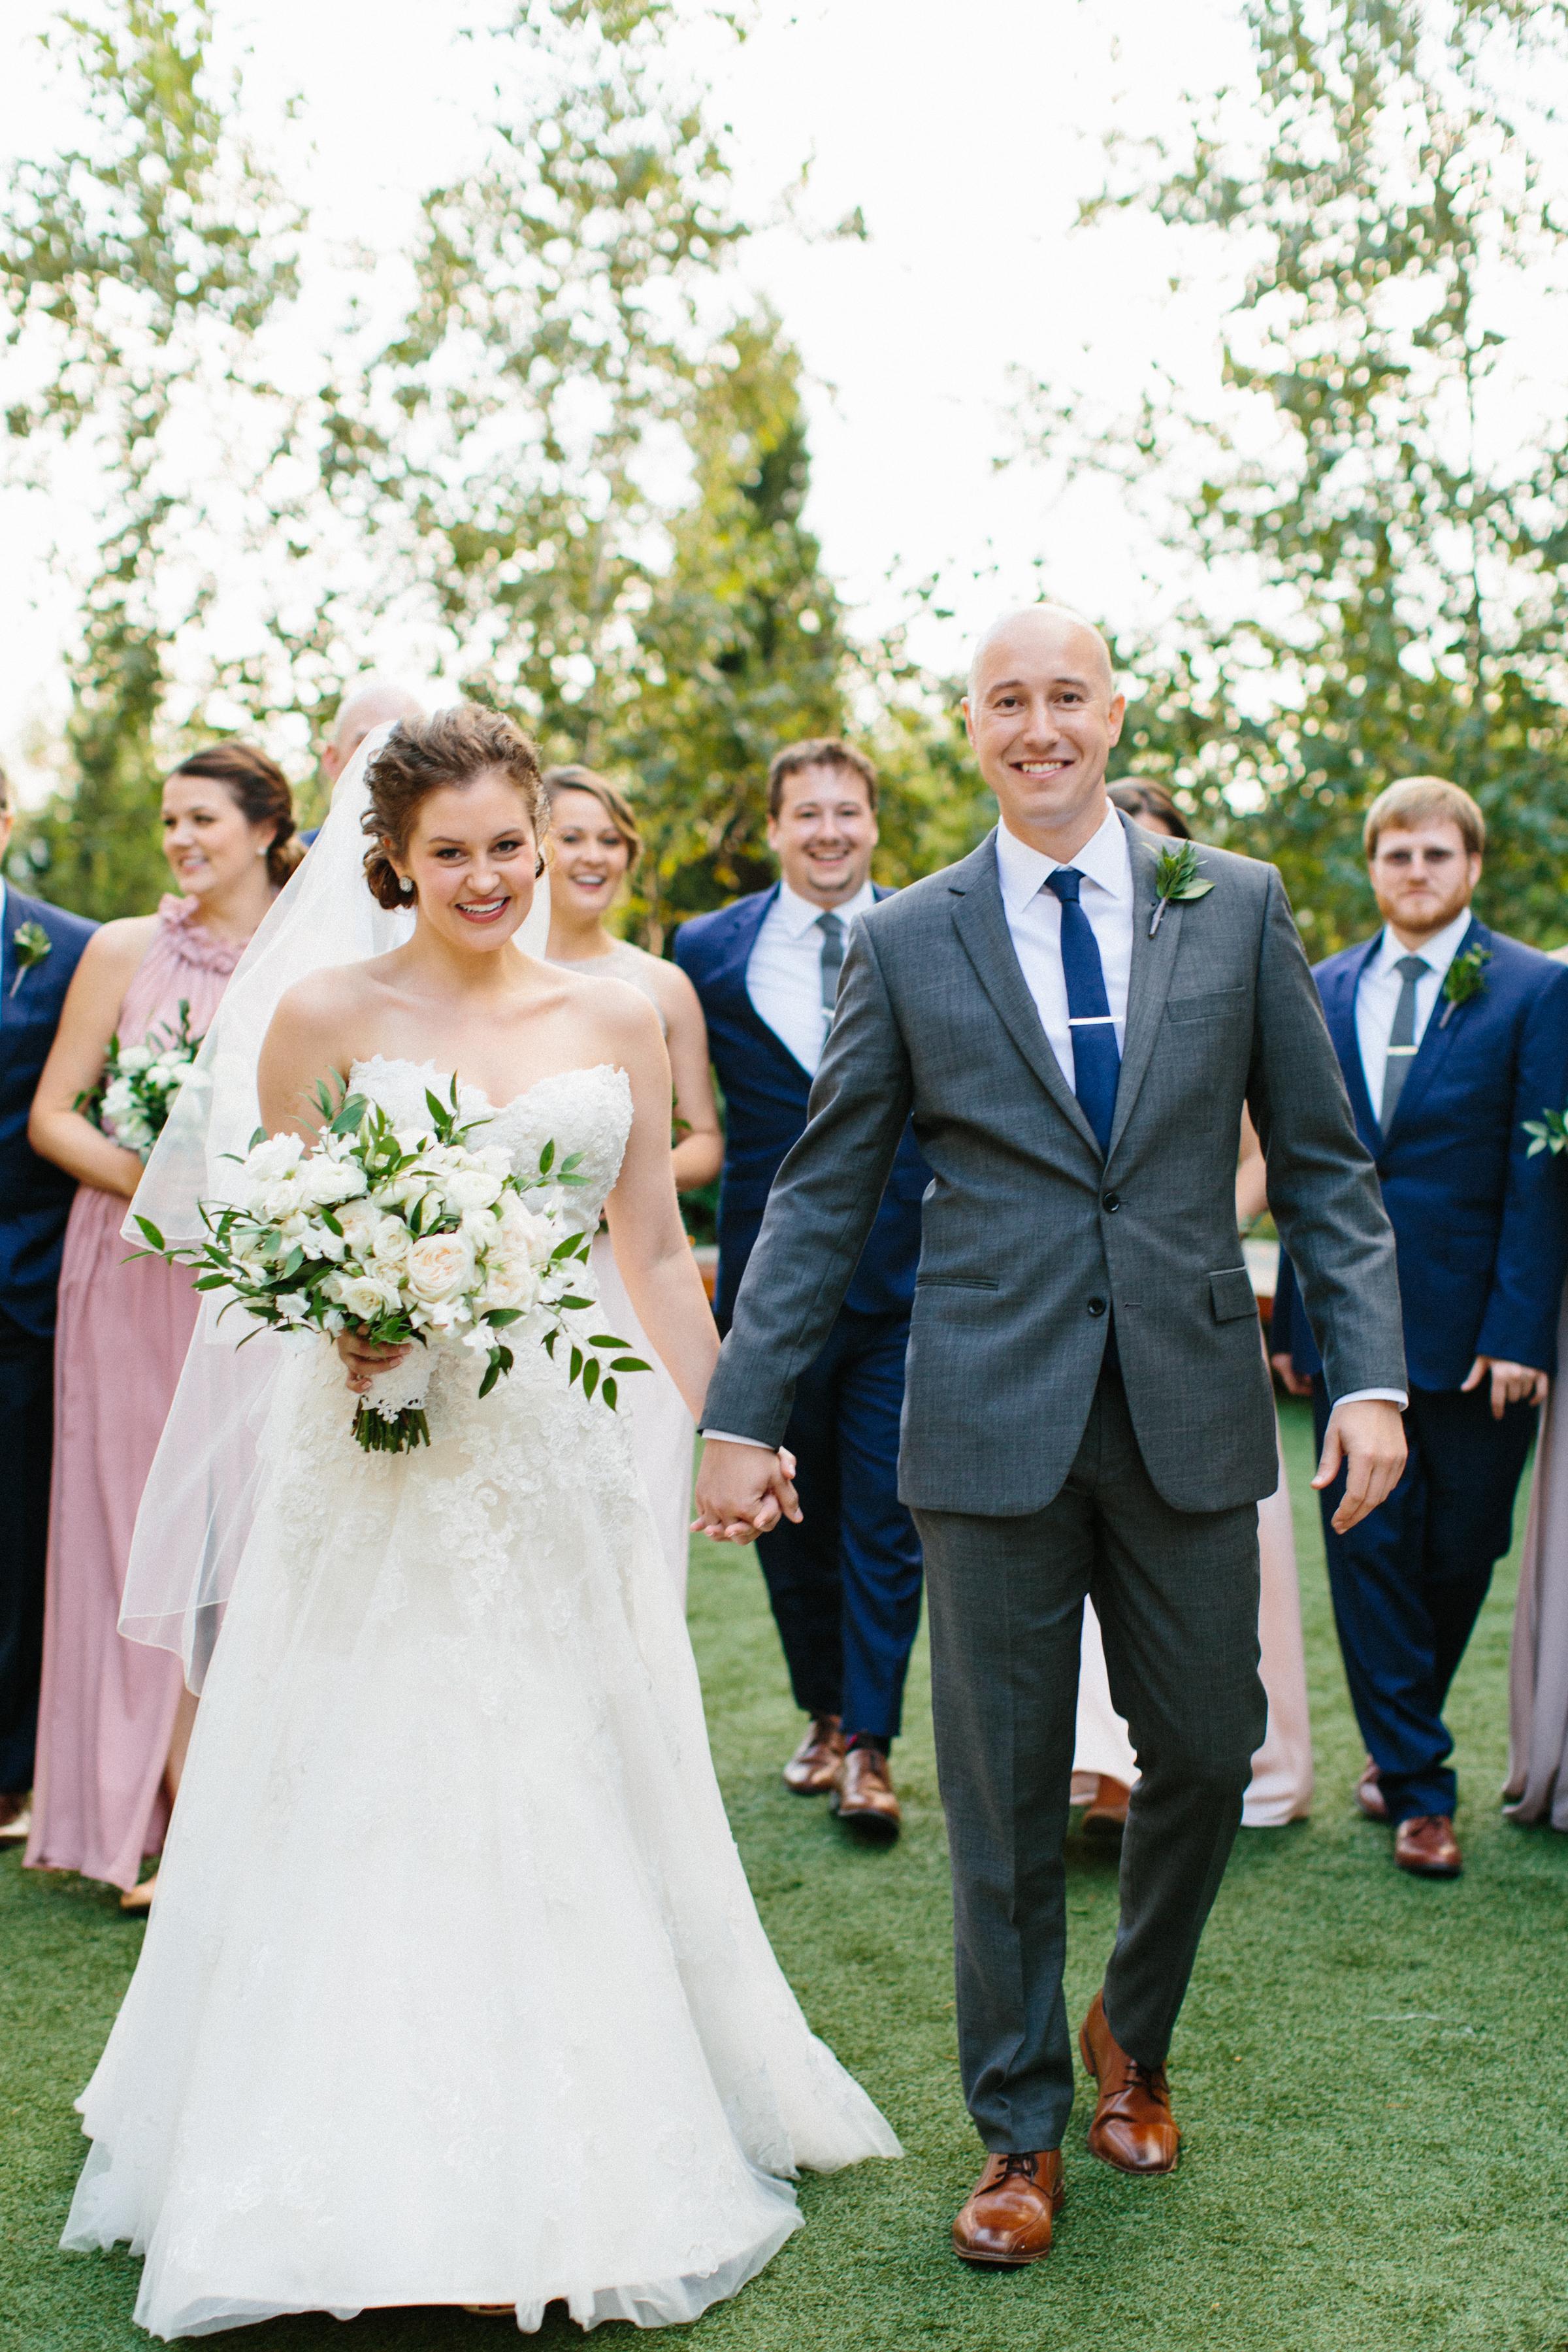 NicoleChris_Wedding_September292017_470.jpg